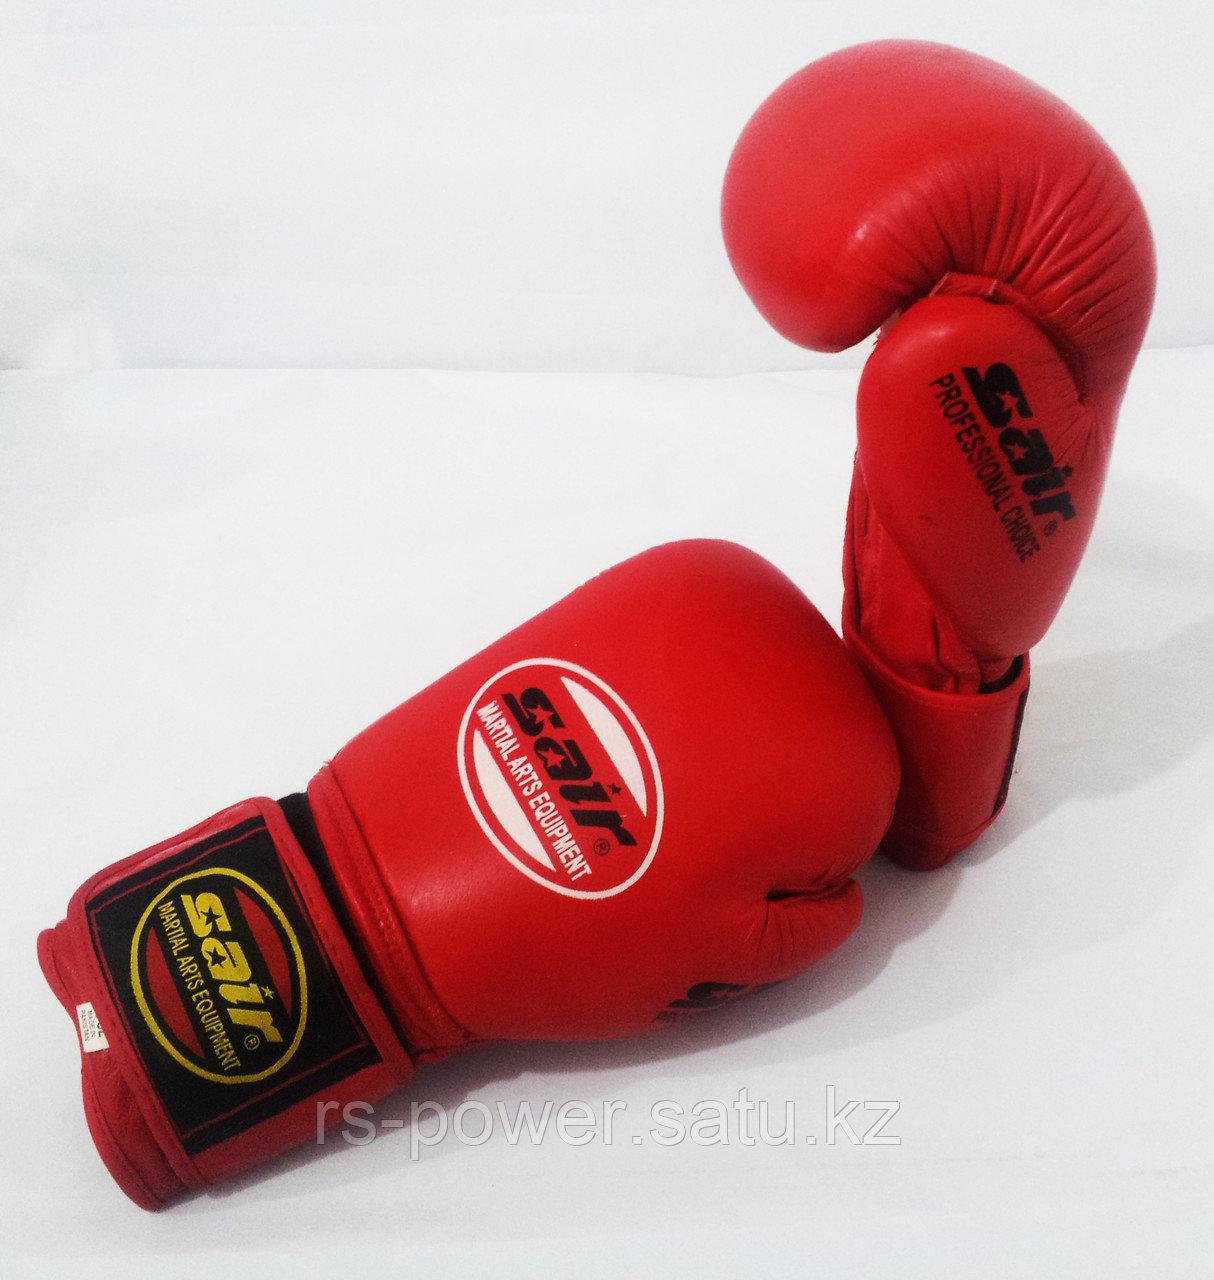 Боксерские перчатки SAIR